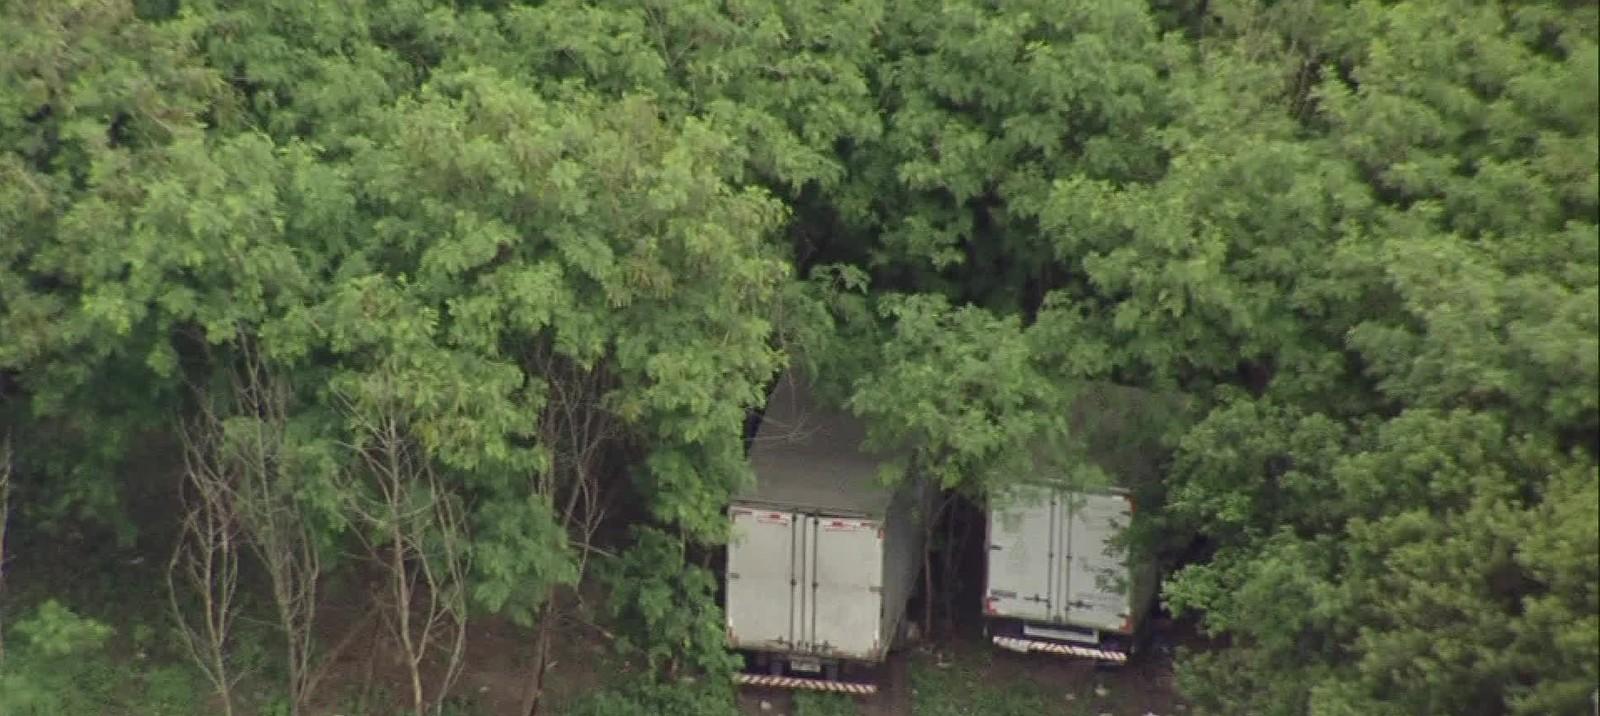 Esconderijo de caminhões roubados